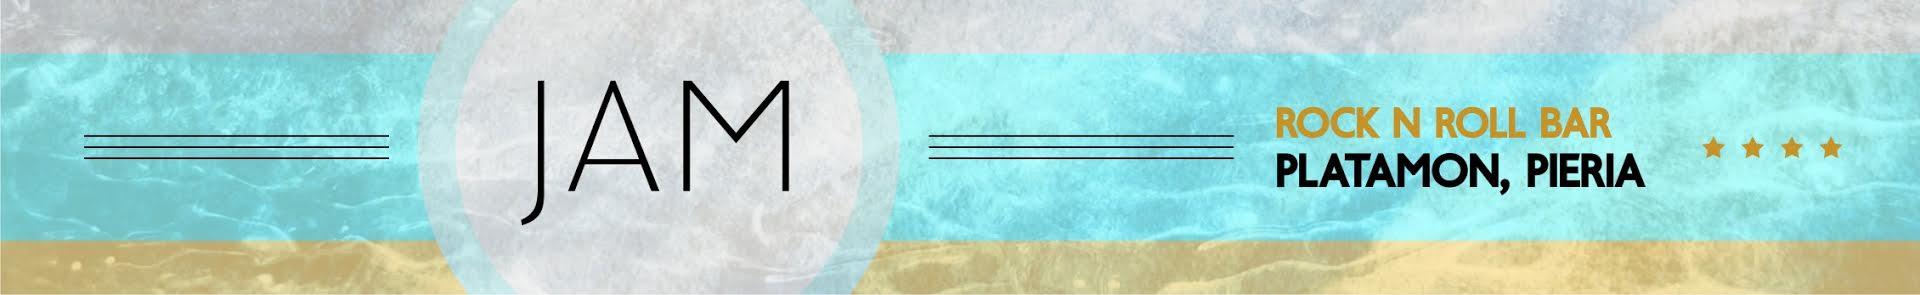 jam platamona 03/06/17